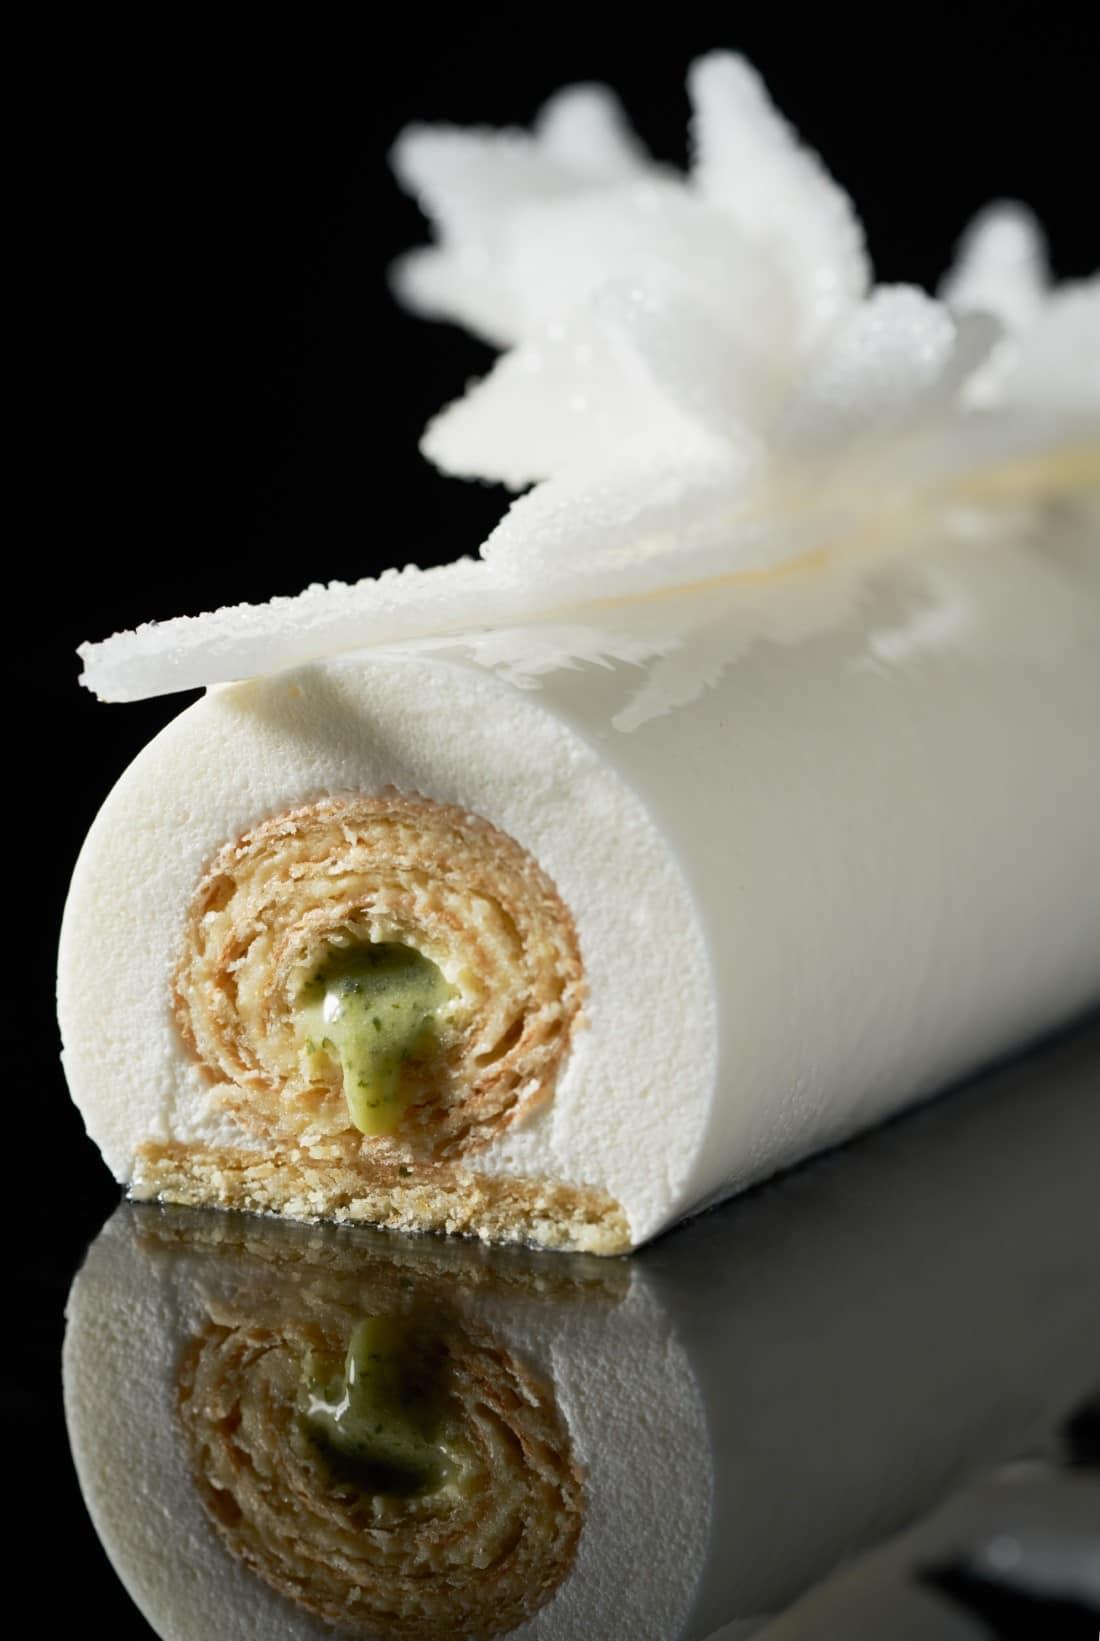 [Luxus+ Magazine] Gastronomie : Les plus belles bûches de Noël 2020 par des grands pâtissiers